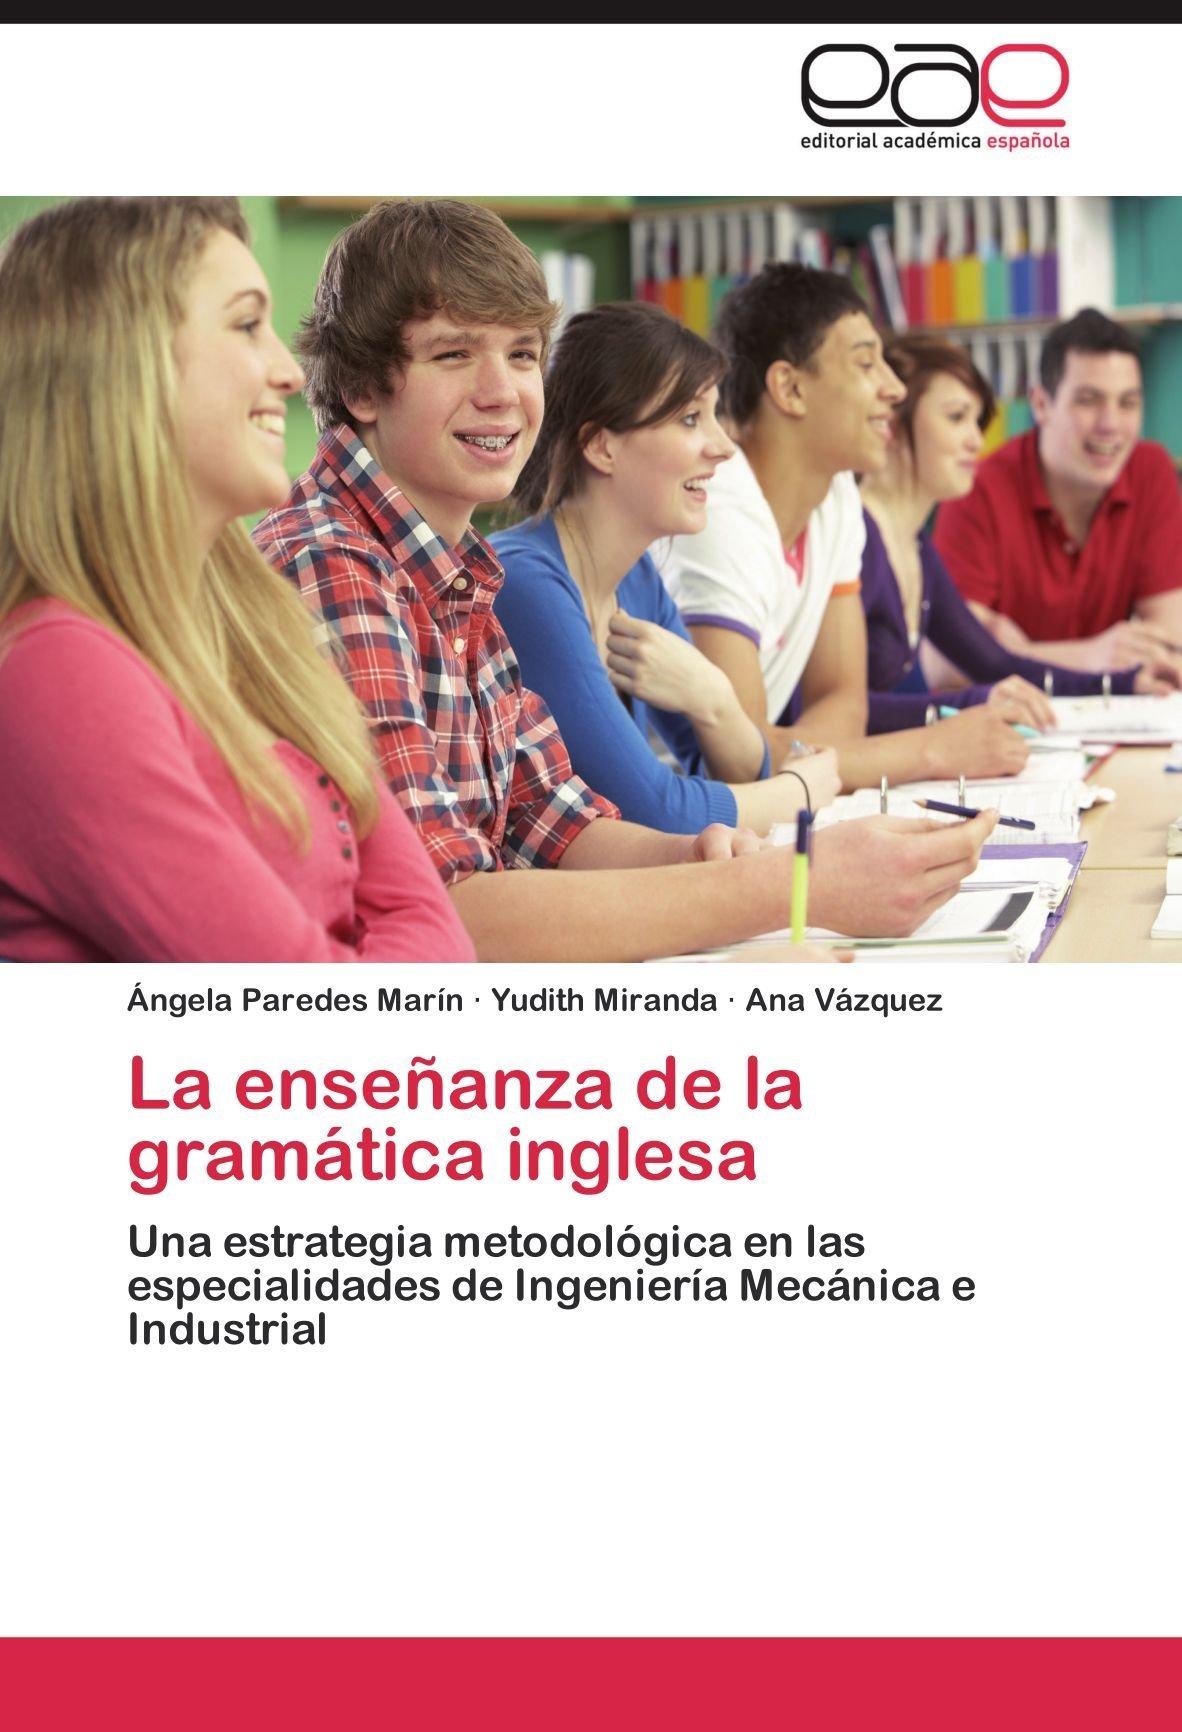 La enseñanza de la gramática inglesa: Una estrategia metodológica en las especialidades de Ingeniería Mecánica e Industrial